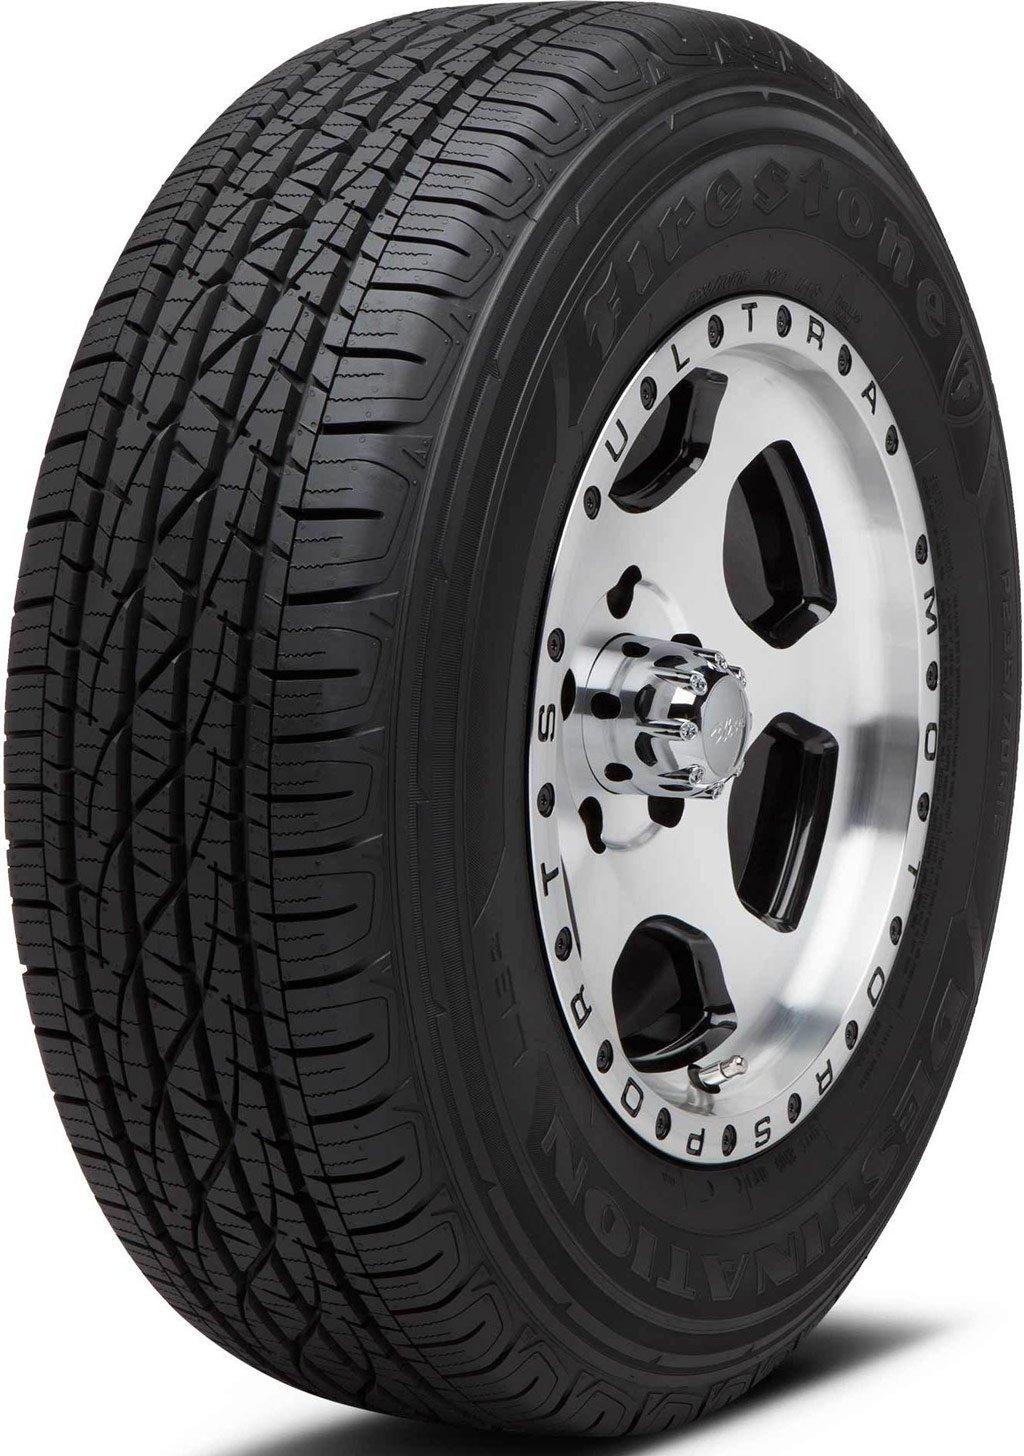 Firestone Destination LE2 All-Season Radial Tire - P245/75R16 109S